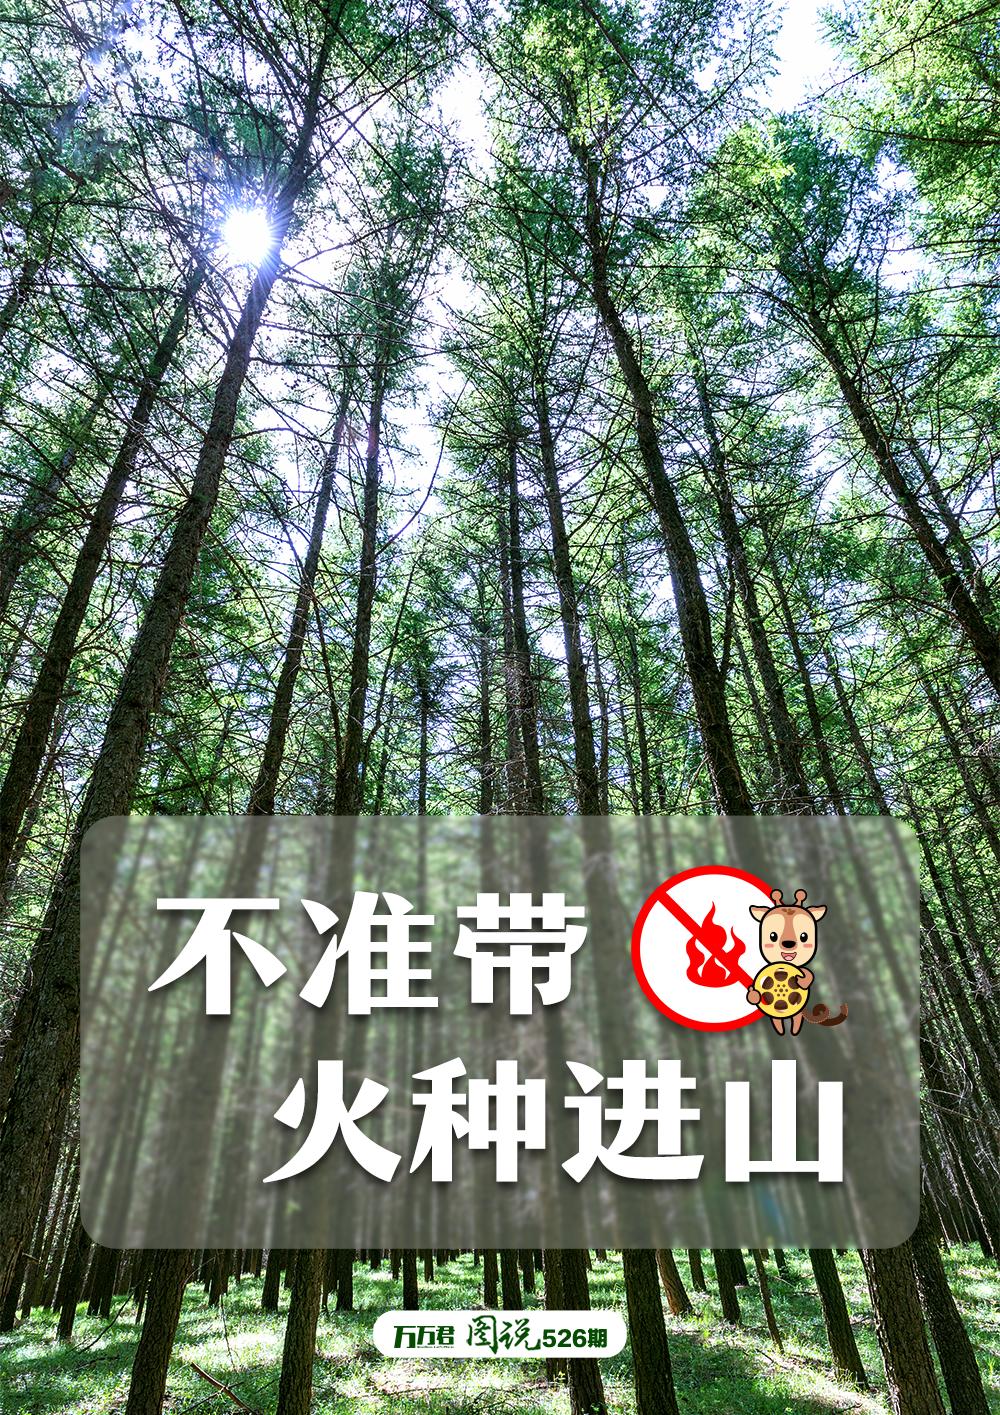 """森林防火需注意,""""十个不准""""要谨记!"""